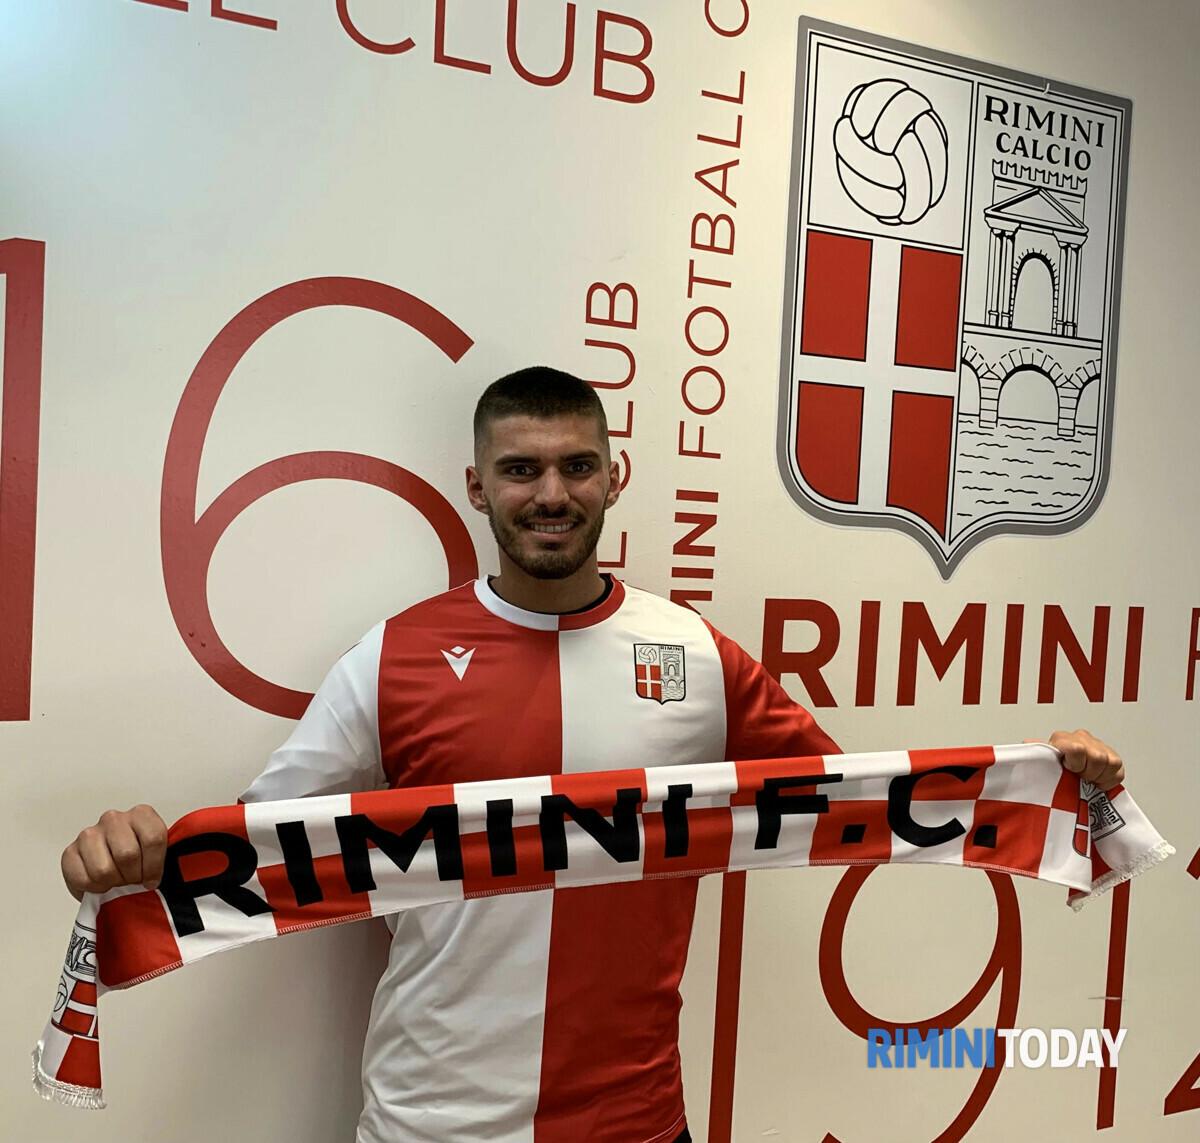 Federico Cuccato è il nuovo difensore centrale del Rimini Calcio